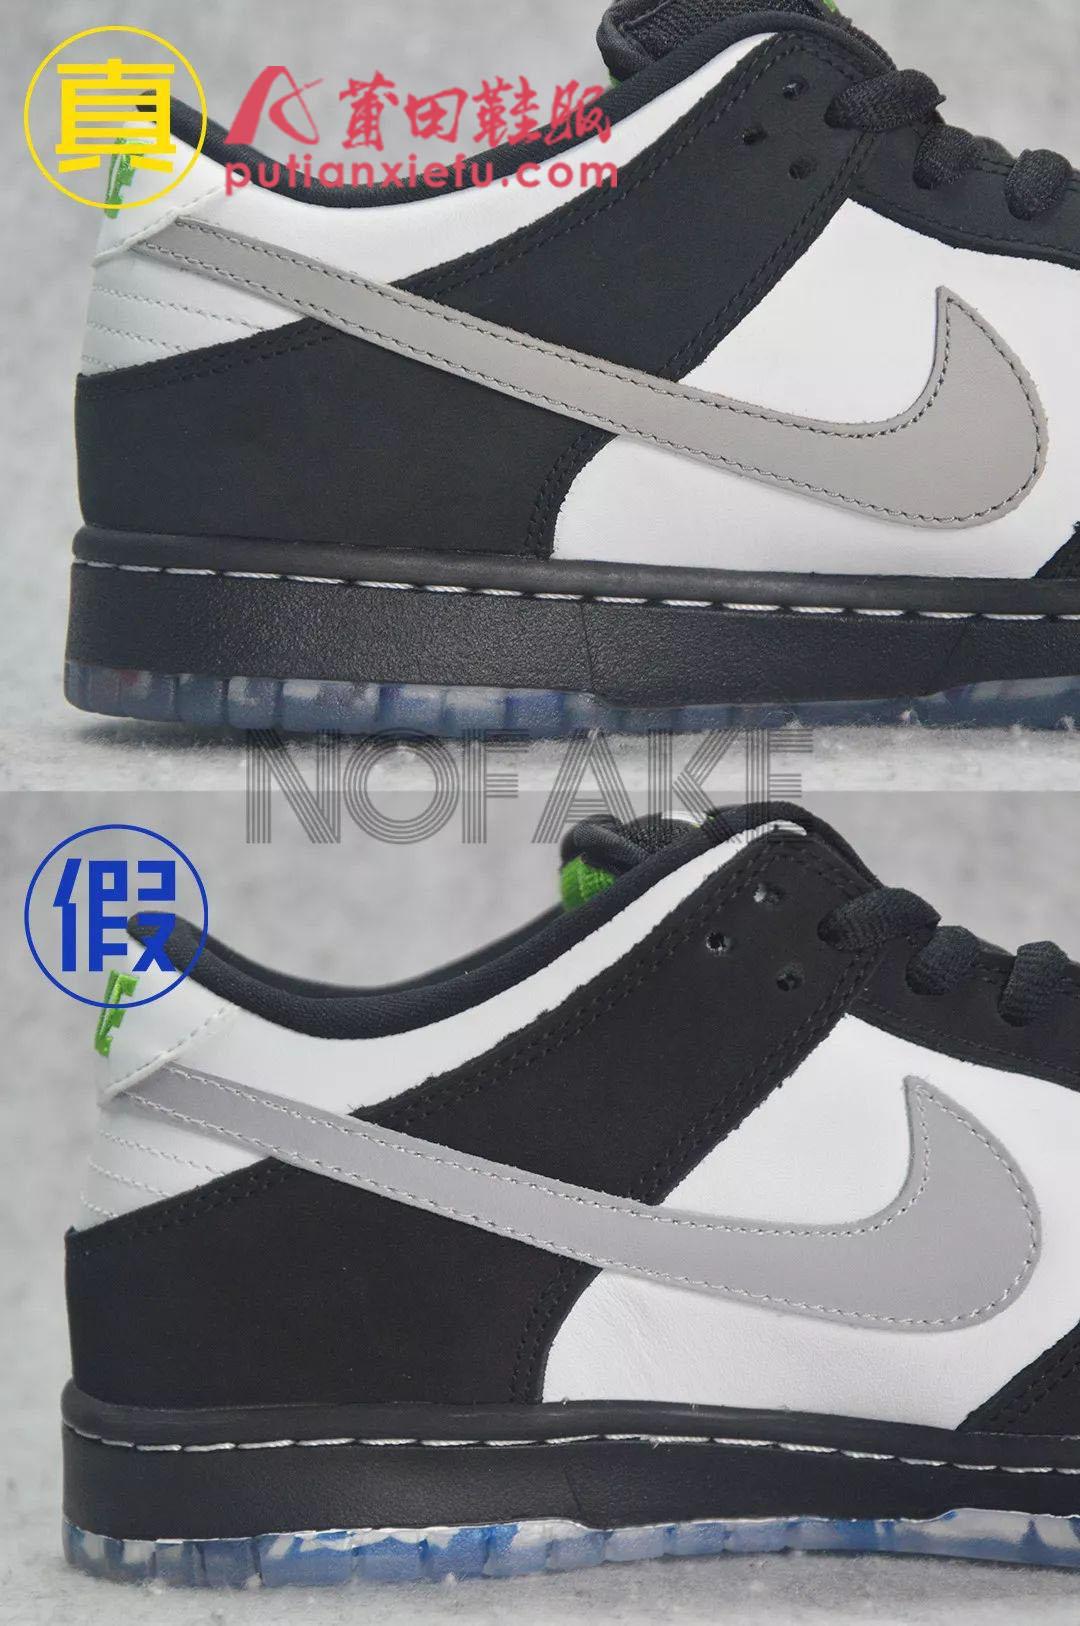 Jeff Staple x Nike Dunk SB Low 黑鸽子 熊猫 真假对比